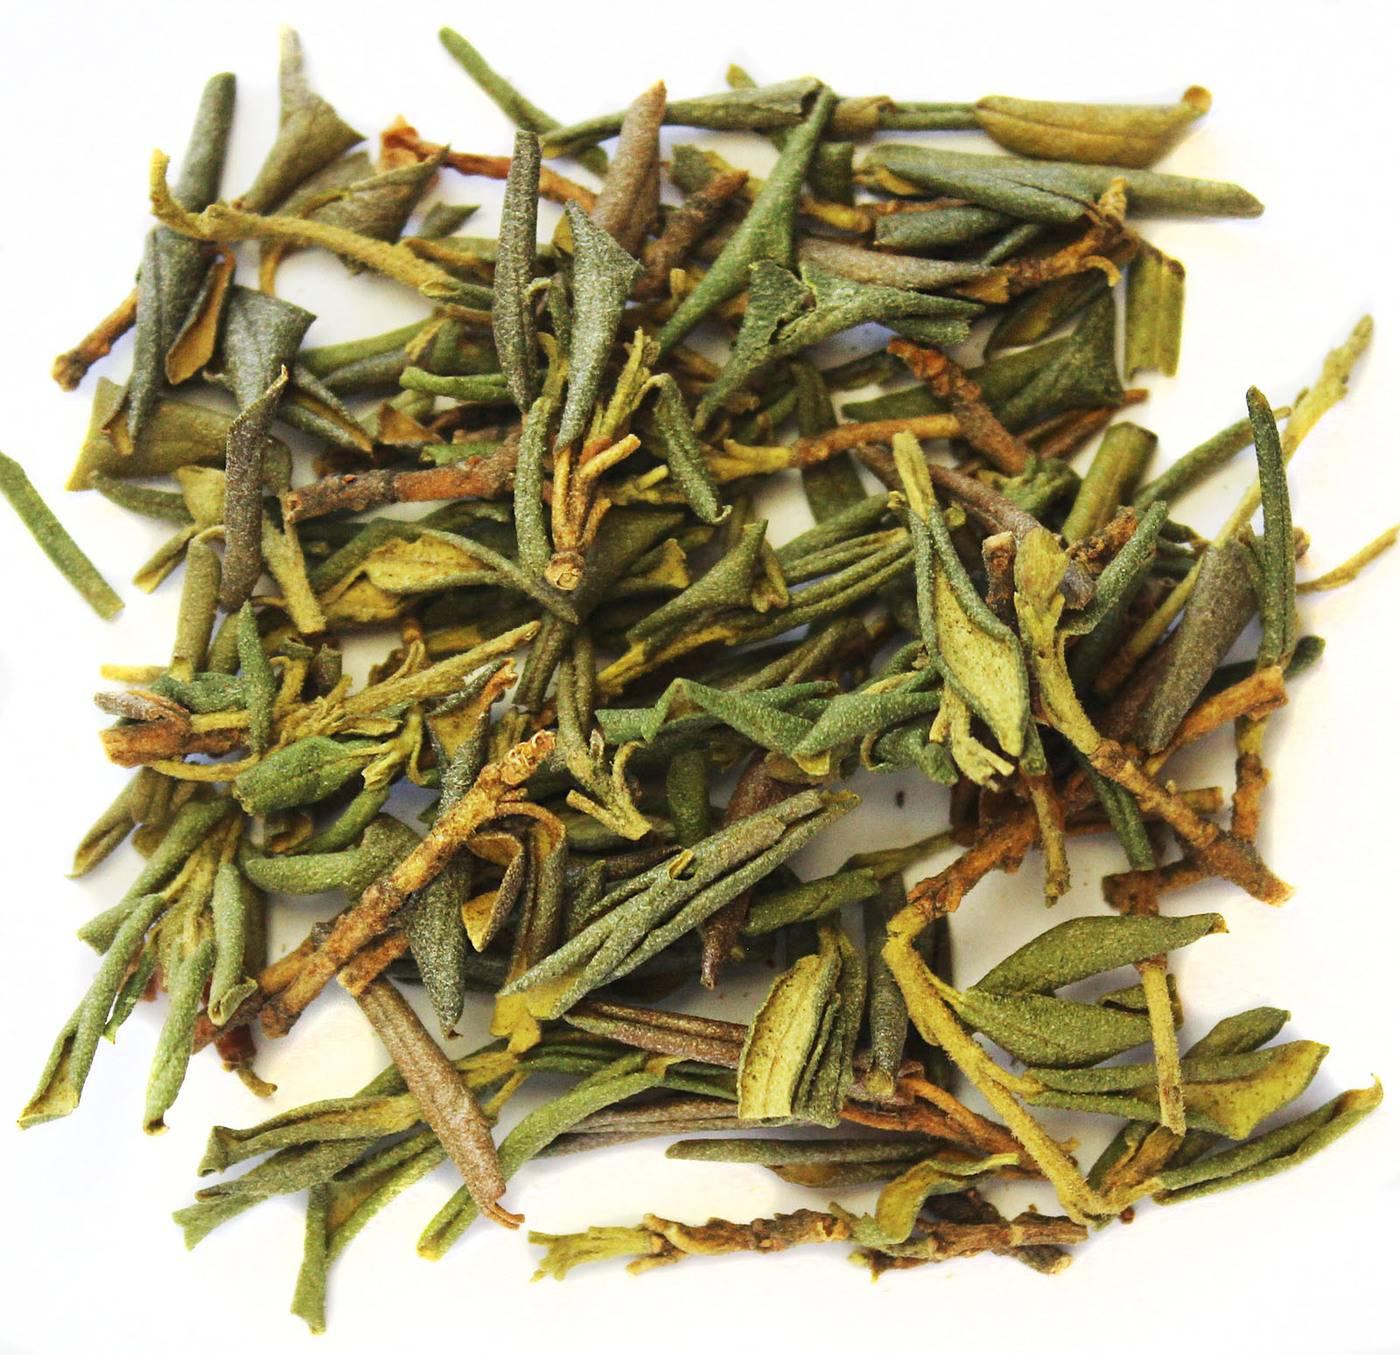 Трава саган дайля: польза и вред. свойства, противопоказания и способы применения саган-дайля.